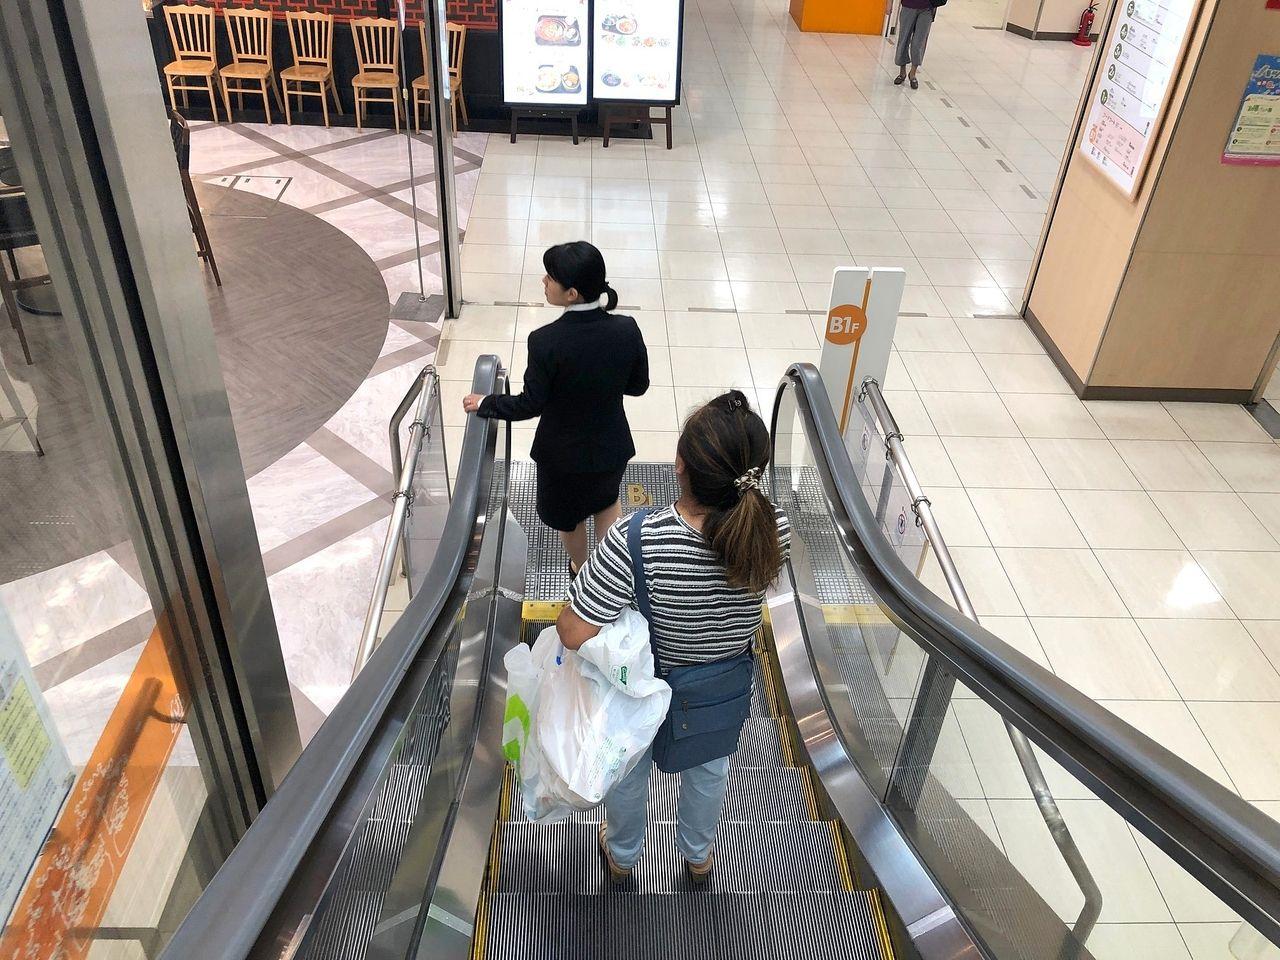 武蔵境イトーヨーカ堂の西館リニュアルオープン